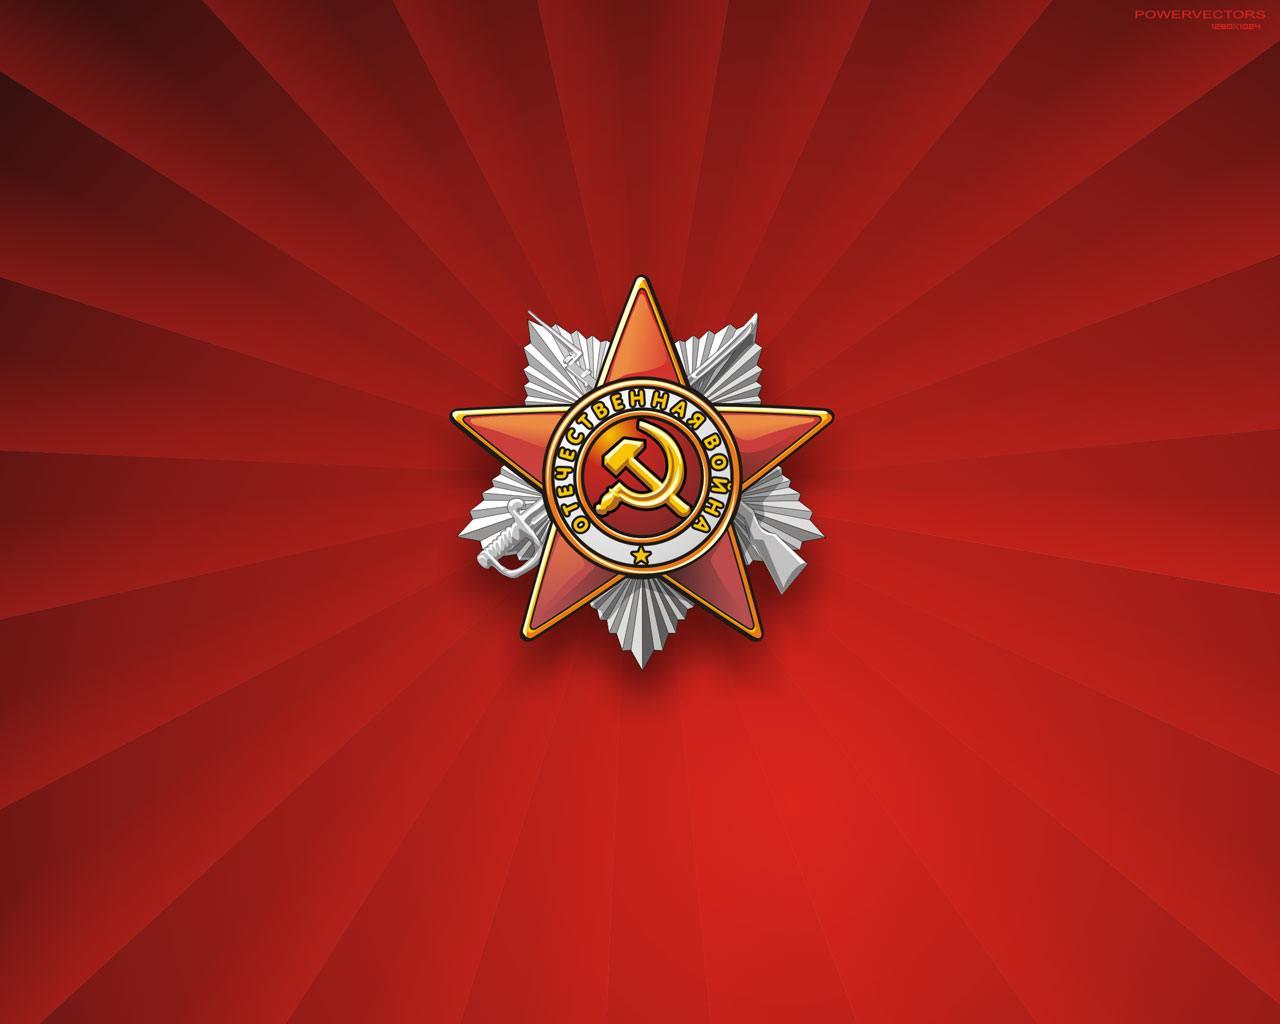 소련의 유인 달 탐사 계획 3- Zond 프로그램 (2)